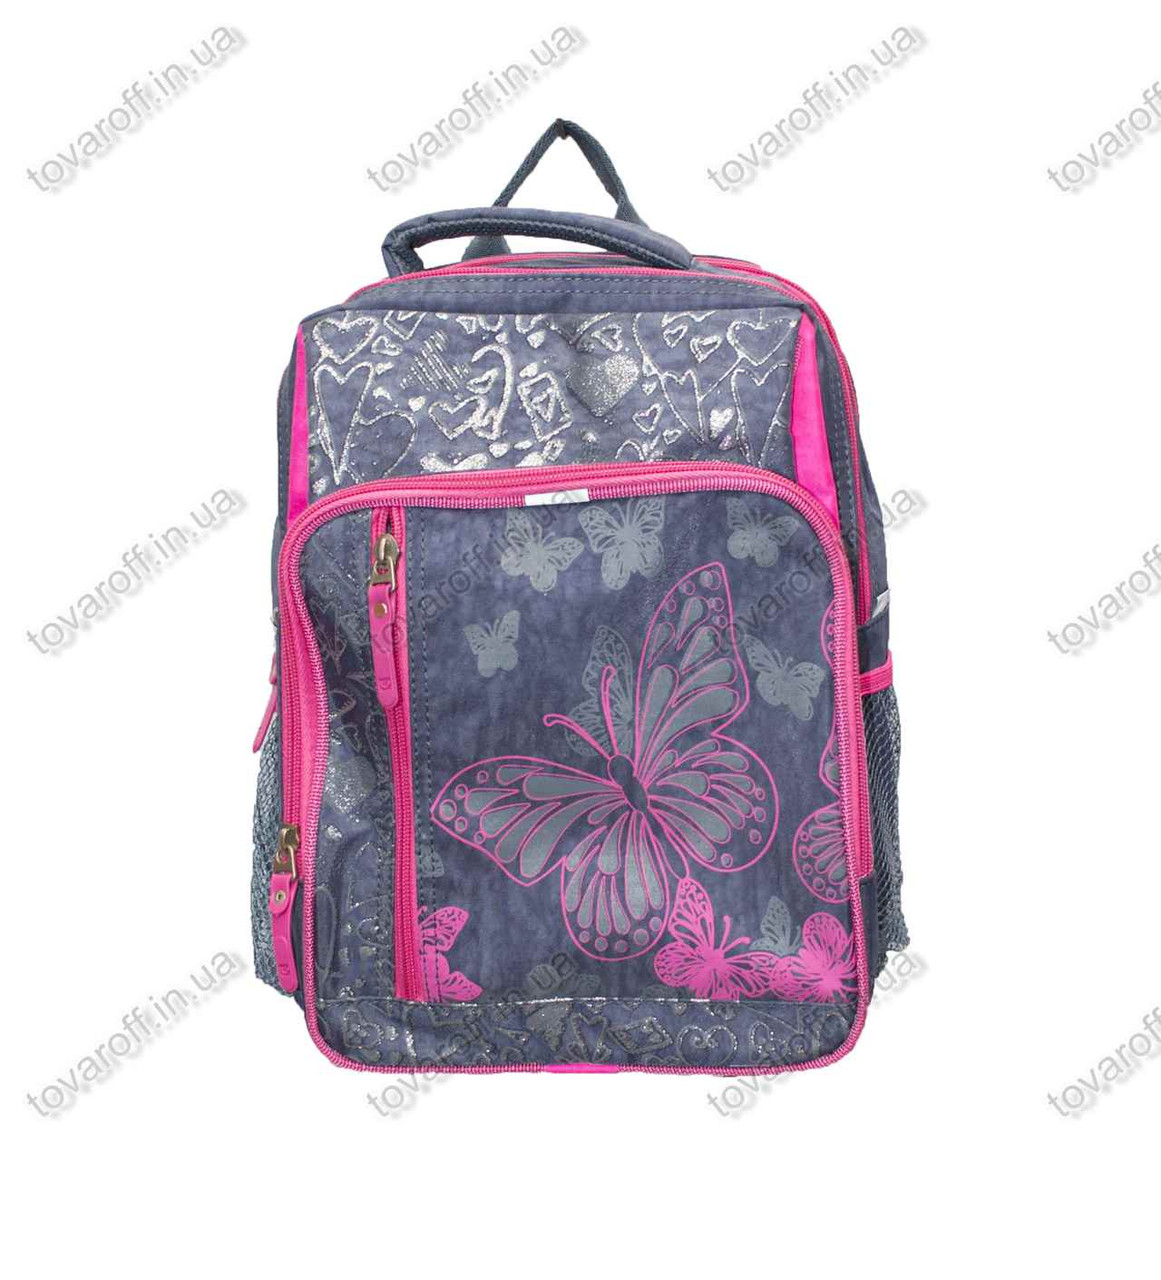 Оптом рюкзак школьный детский Бабочка - Серо-розовый - MeShock (Bagland) - 11270